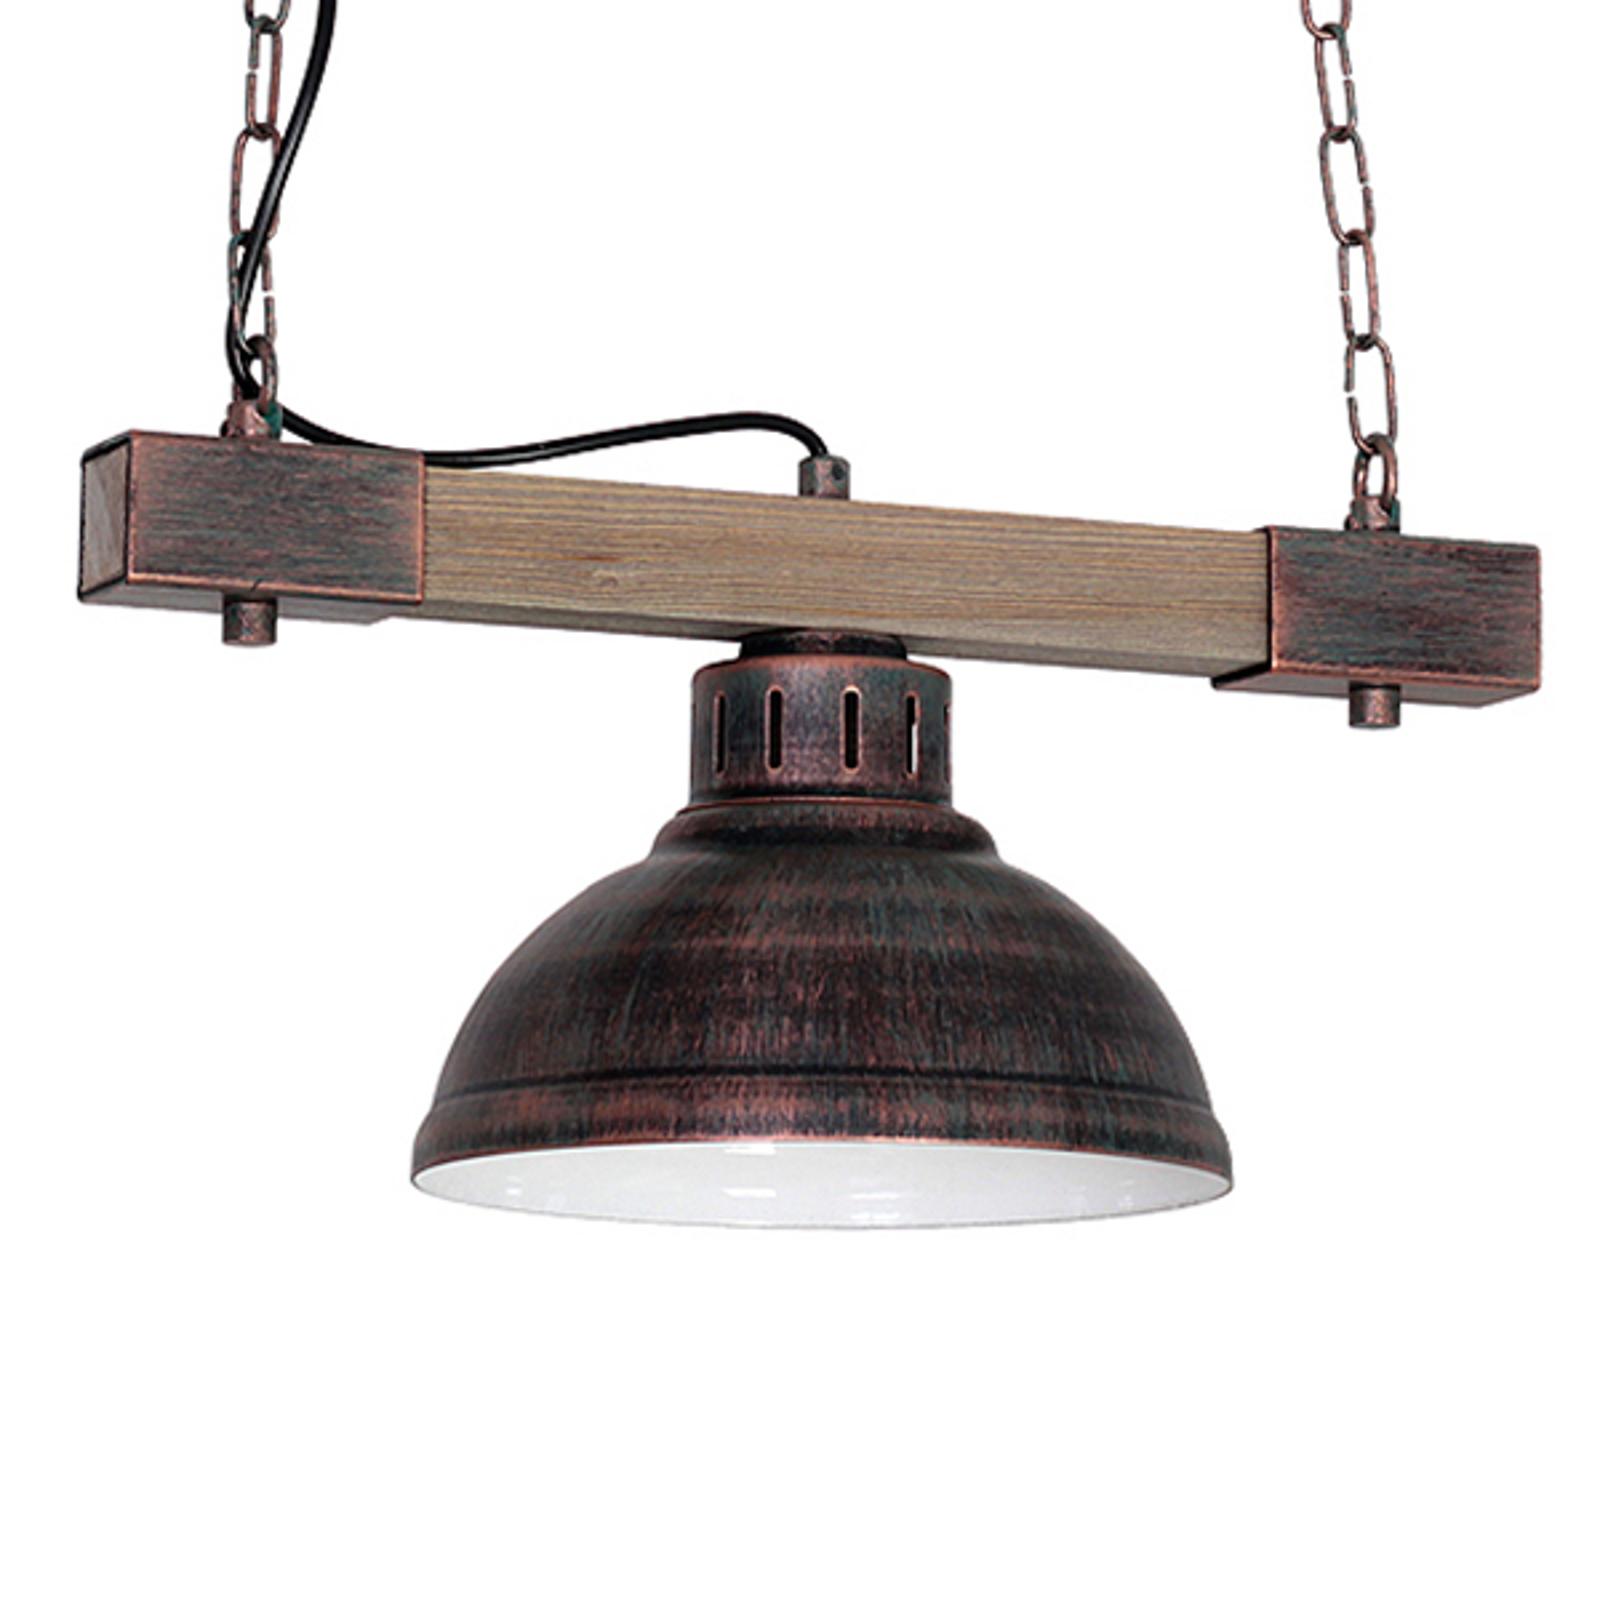 Riippuvalo Hakon 1-lamppuinen, ruosteenruskea/puu